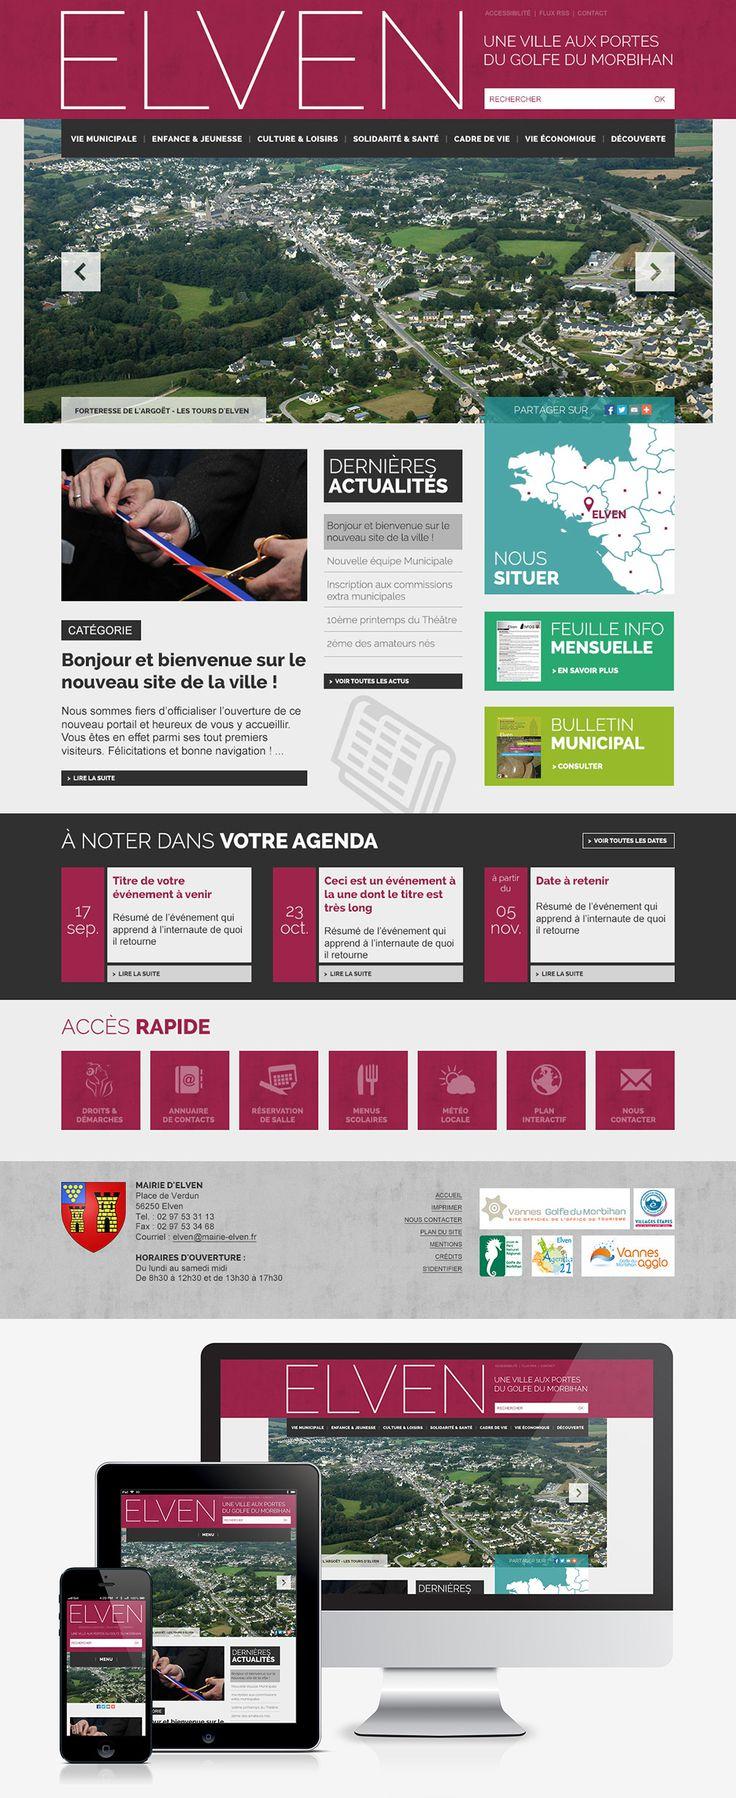 #Webdesign #Responsive #Mairie #Ville #Colterr : la refonte du site web de la ville d'Elven (56) : http://www.mairie-elven.fr